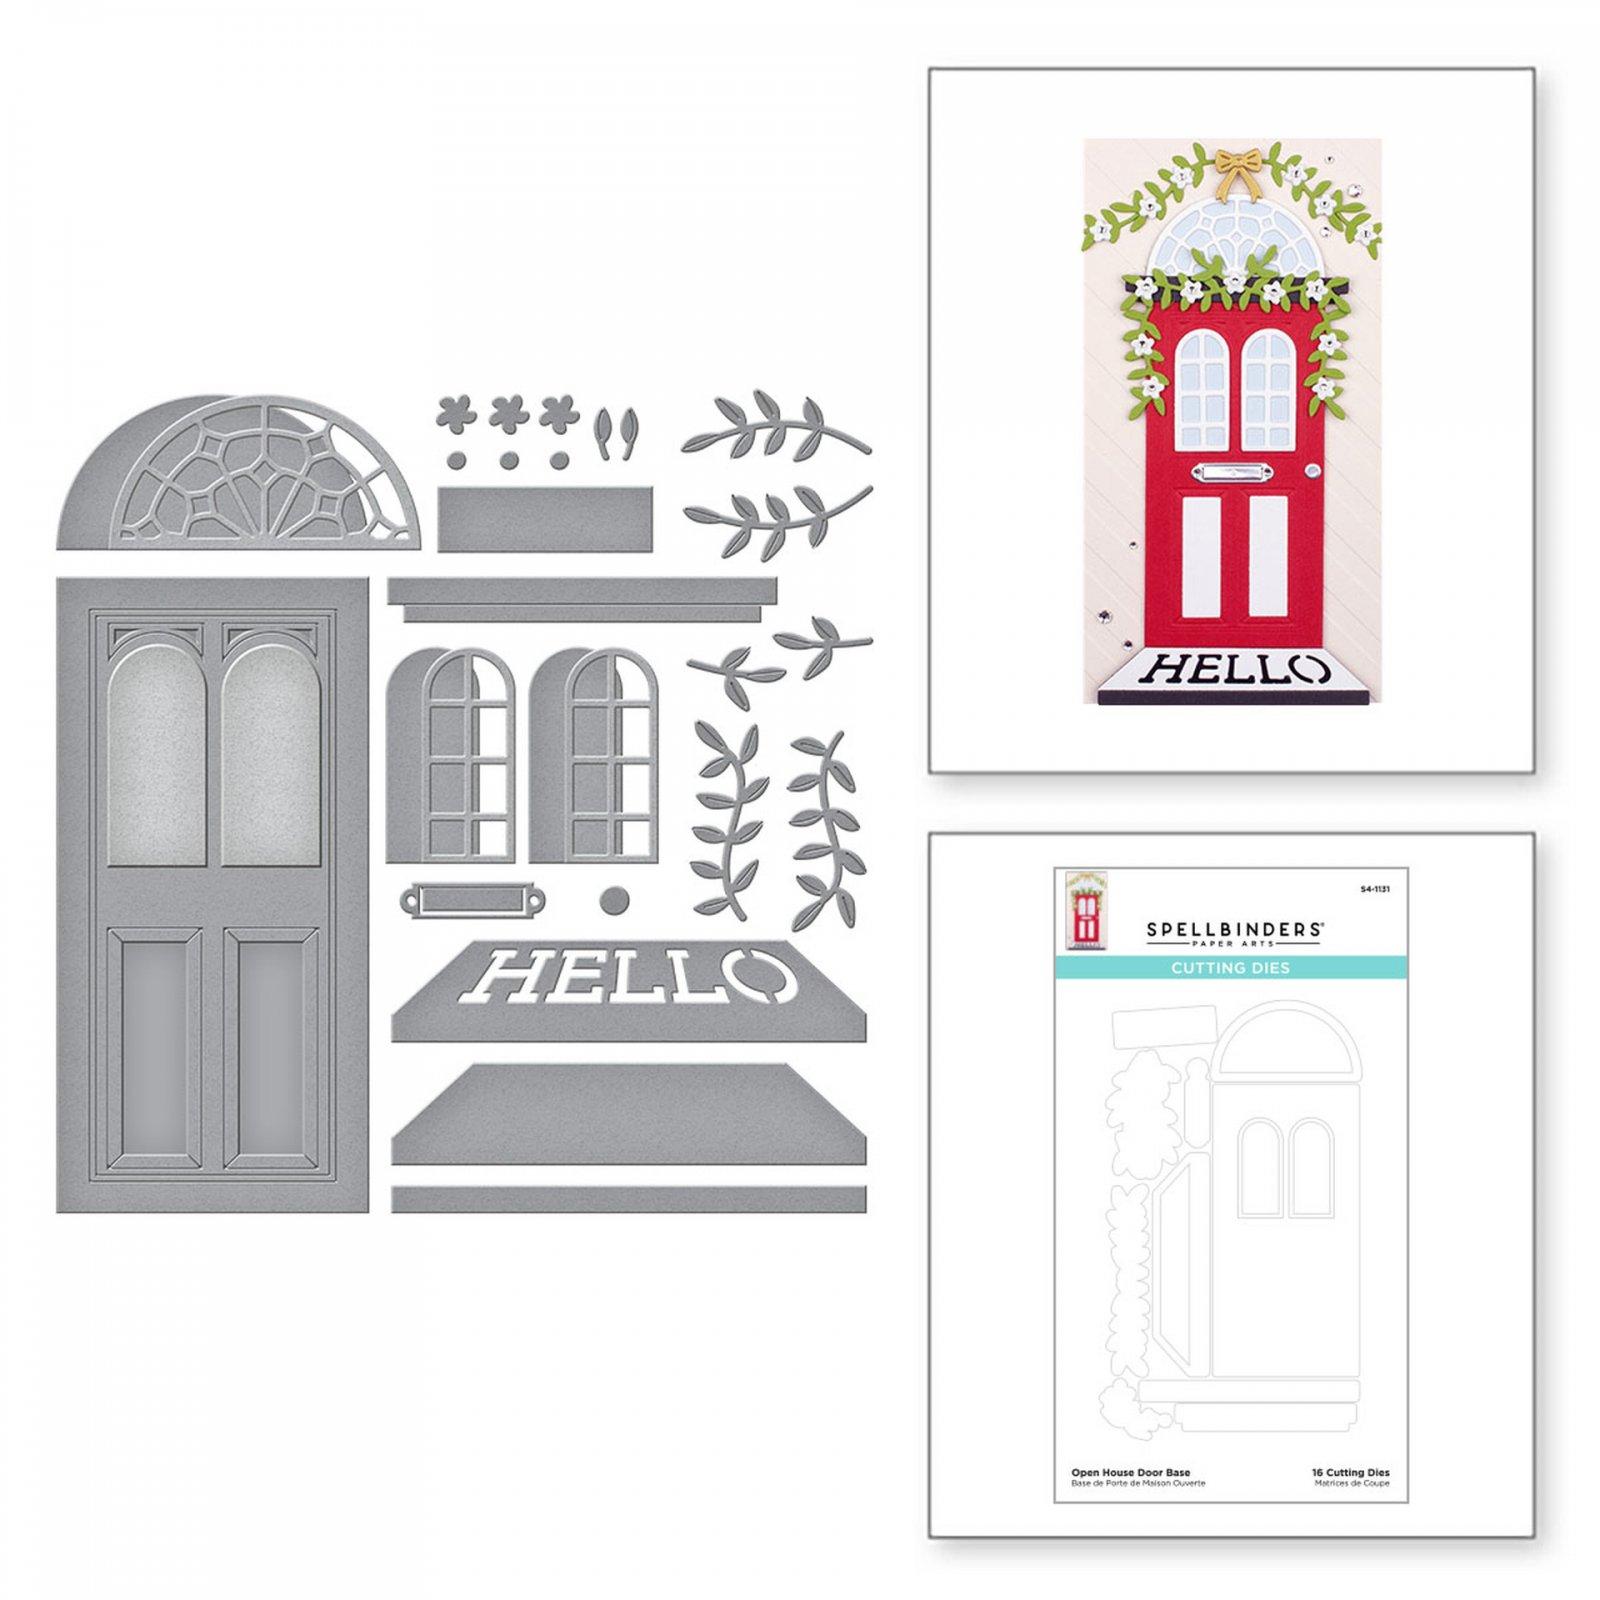 Spellbinders Open House Door BUNDLE